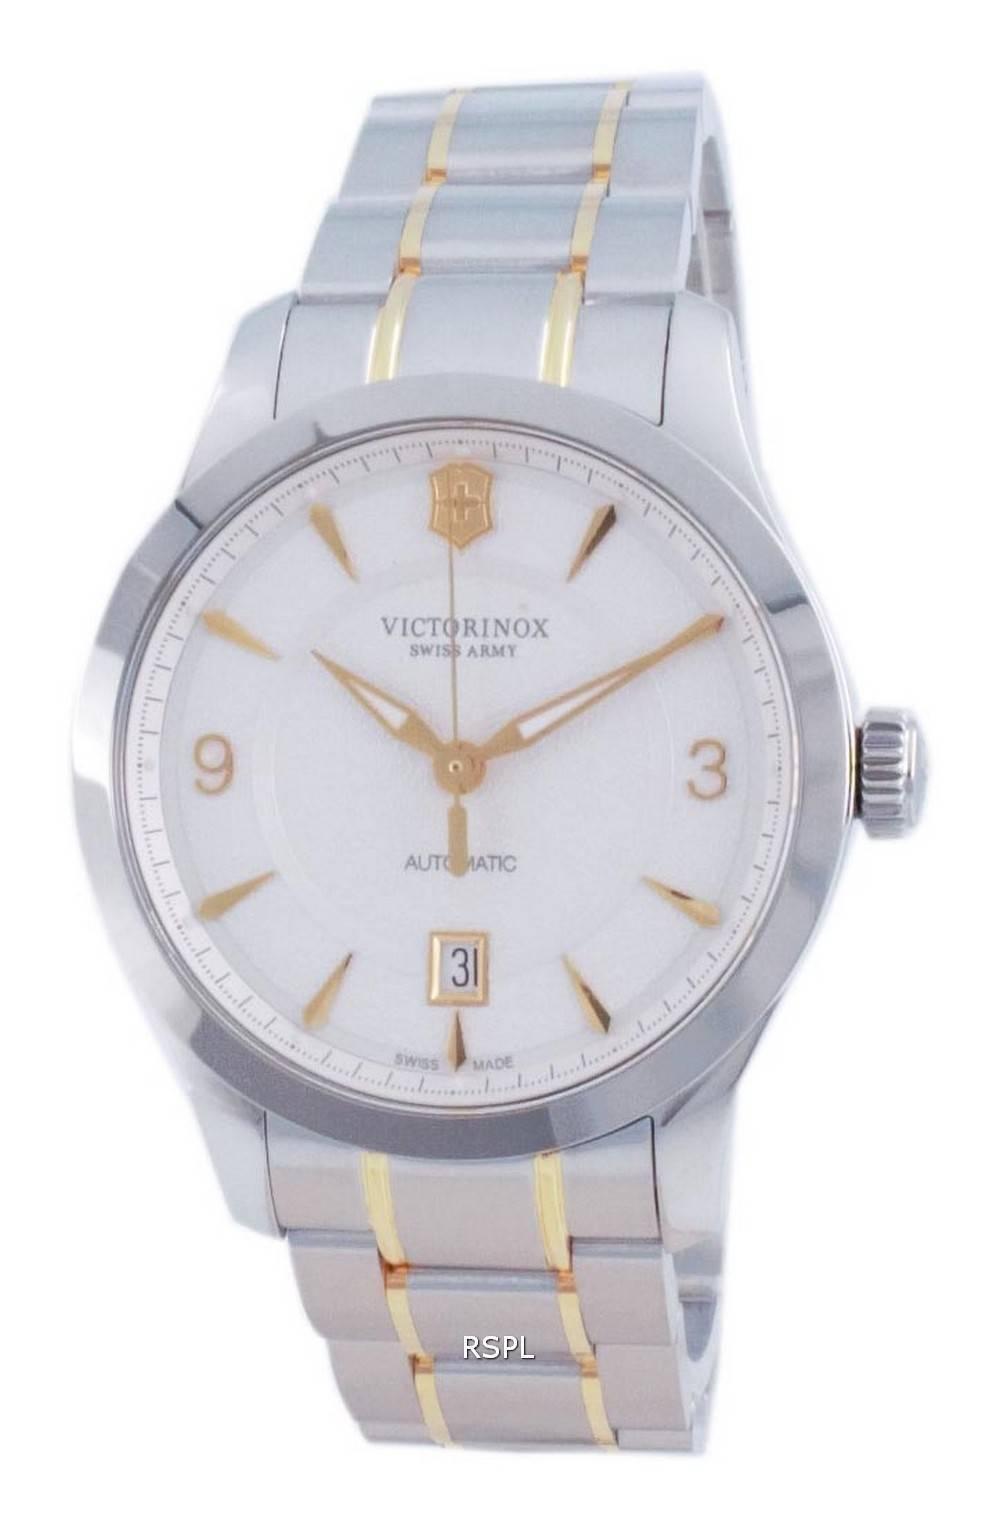 Victorinox Alliance Sveitsin armeijan valkoinen soittaa automaattinen 241874 100M miesten kello